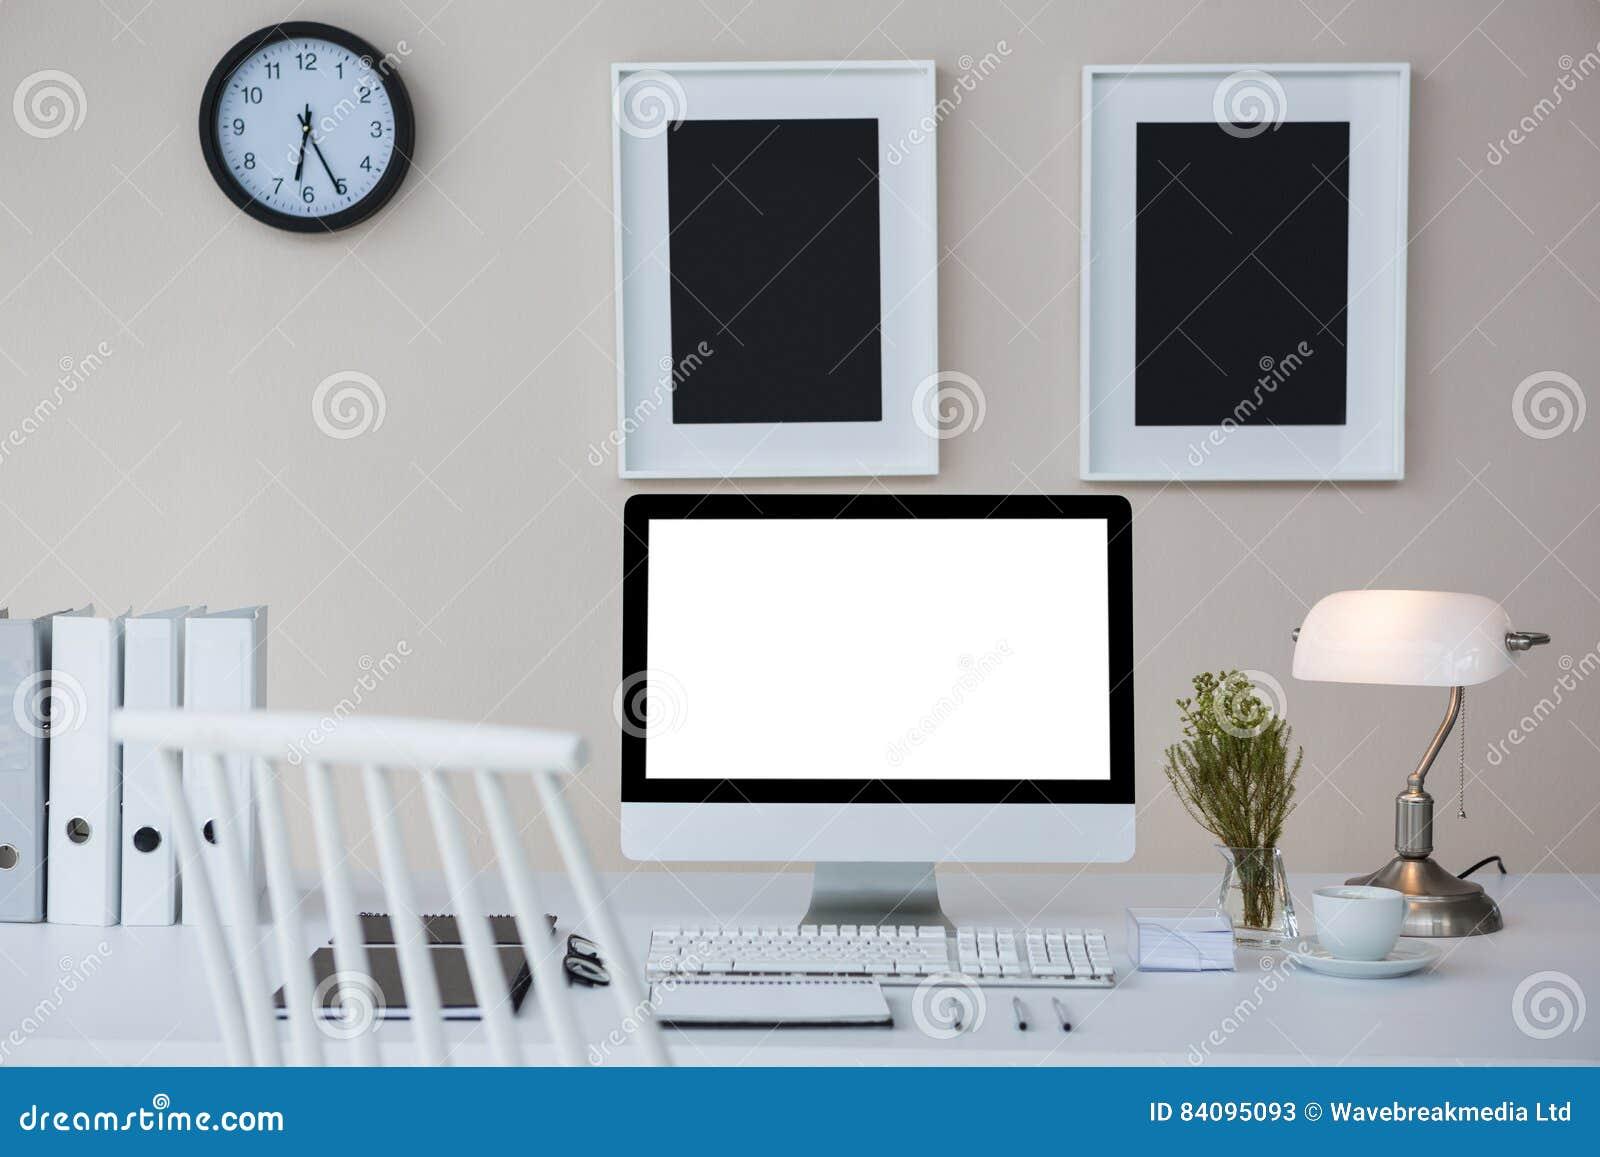 Ausgezeichnet Bilderrahmen Rechner Fotos - Benutzerdefinierte ...